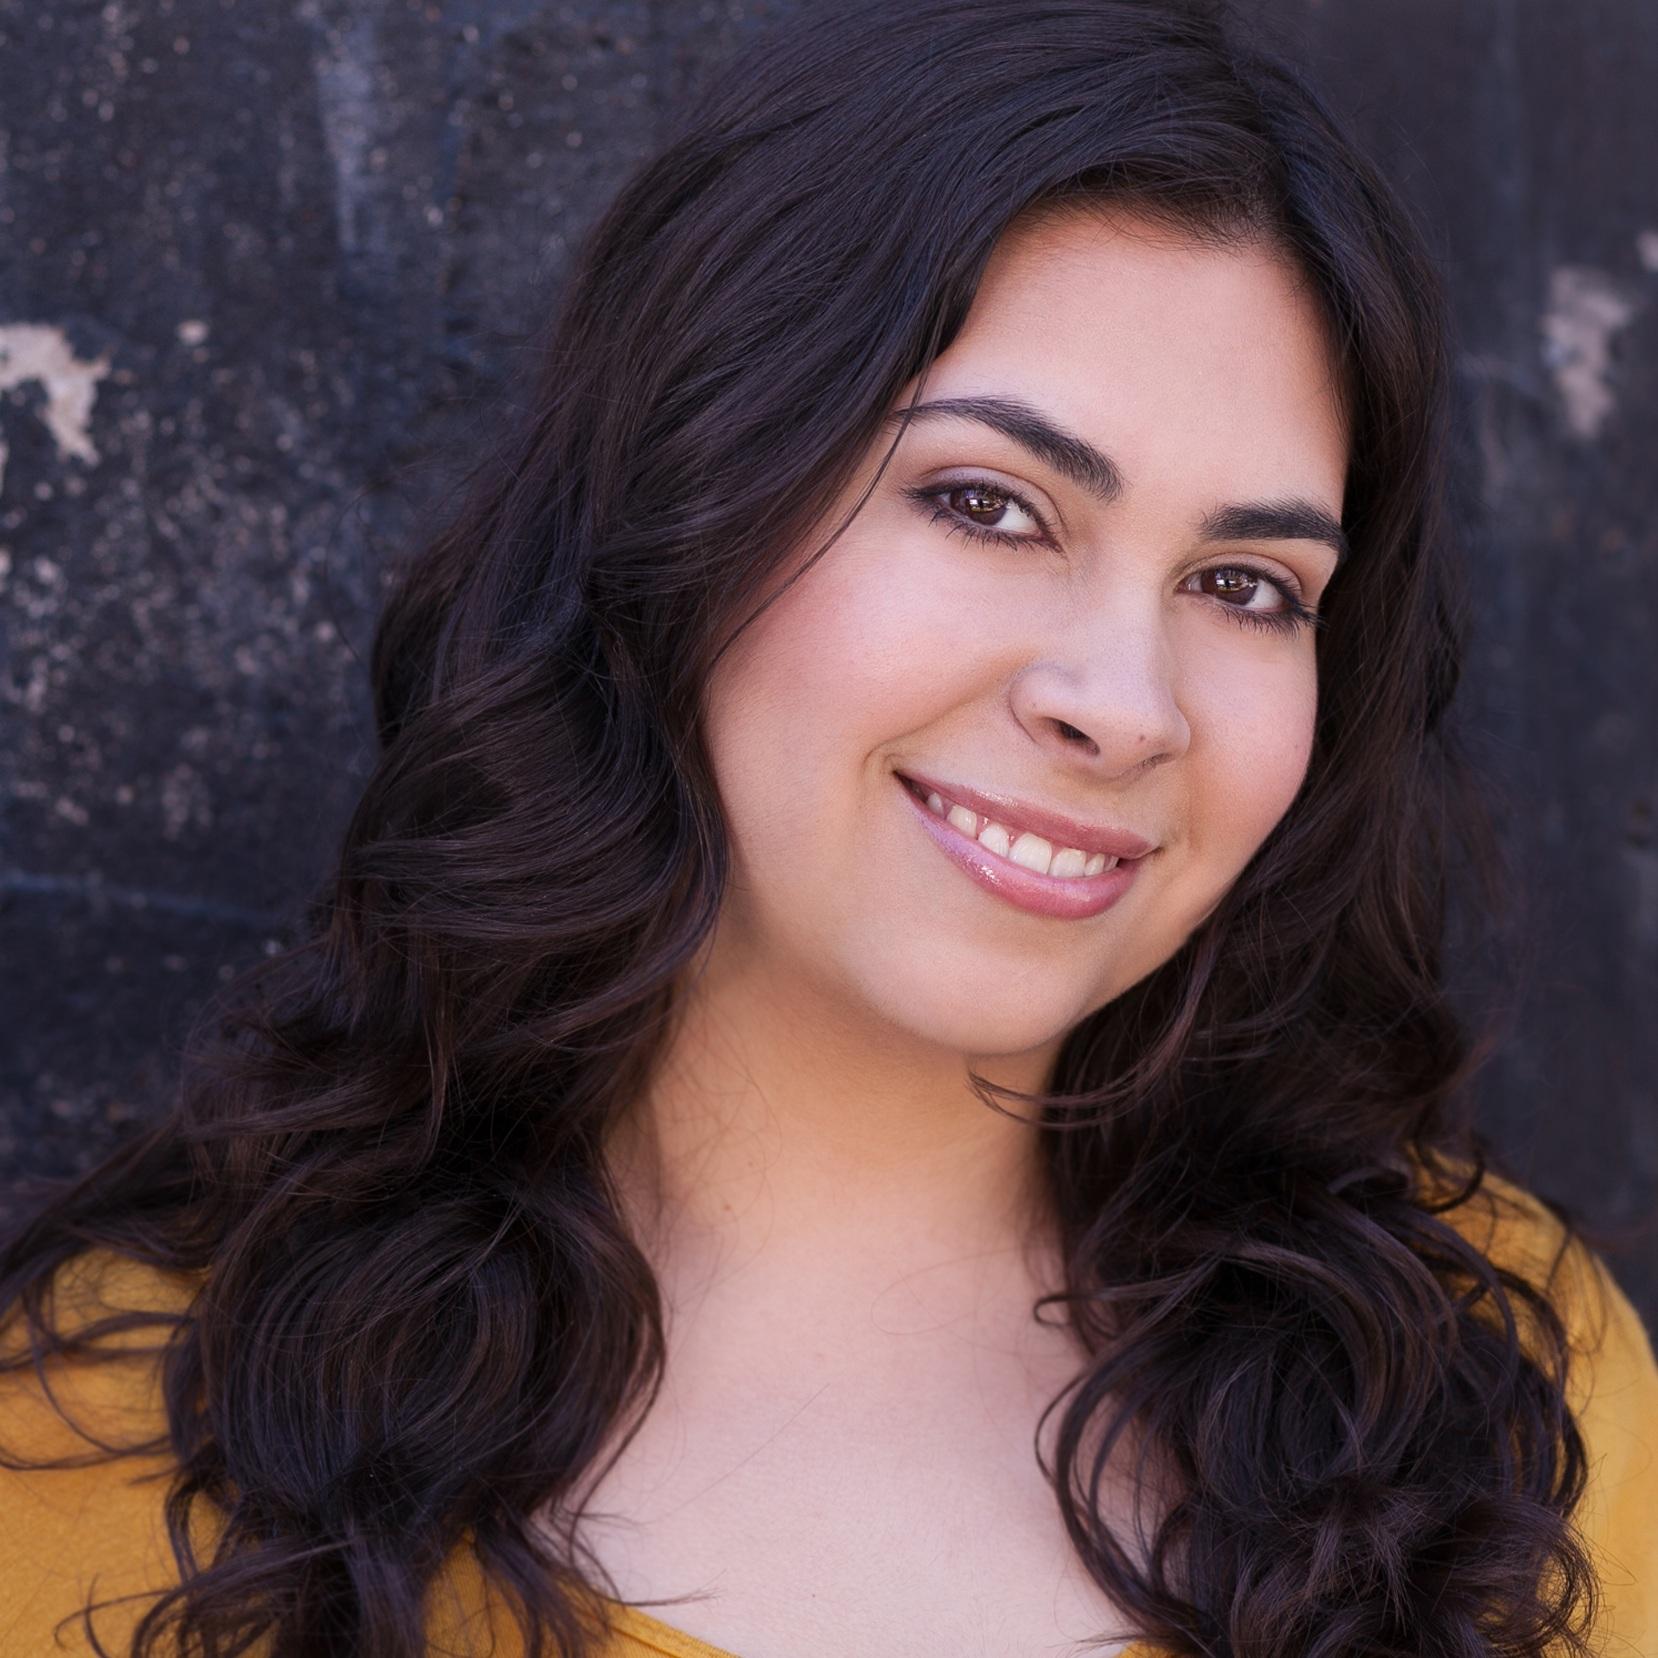 Amanda Raquel Martinez